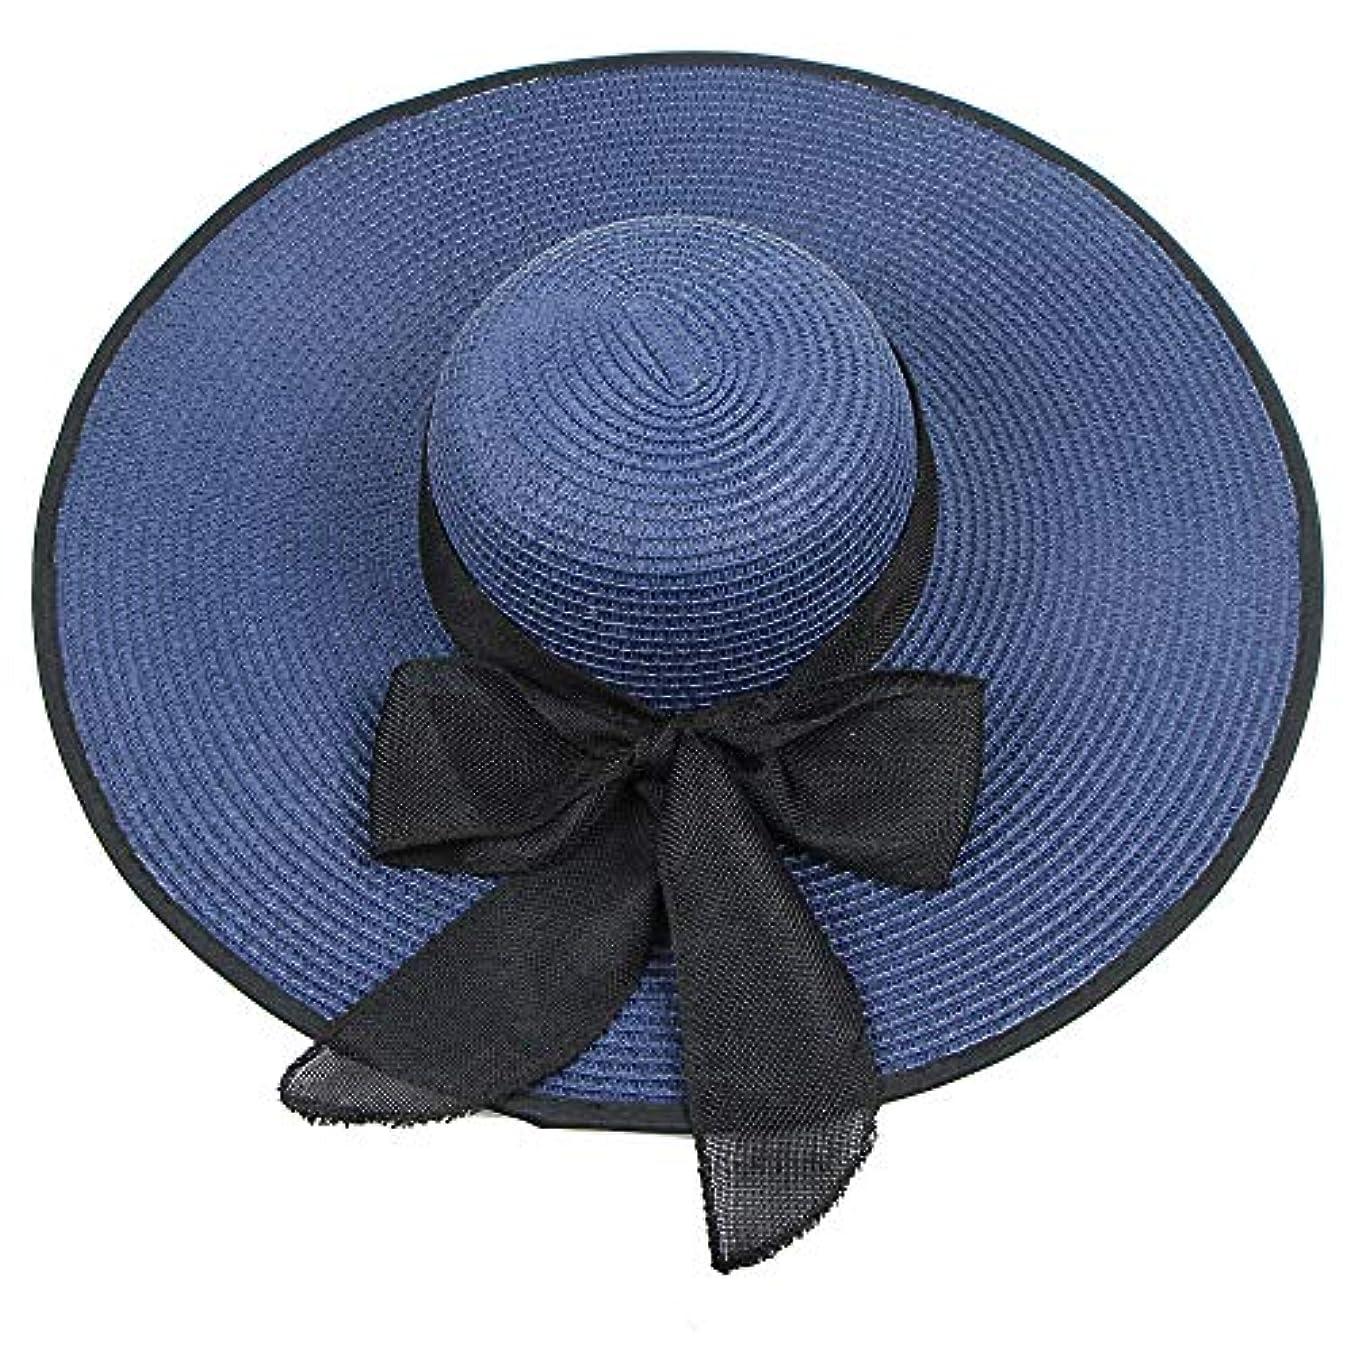 手段夜間スタッフUVカット 帽子 ハット レディース つば広 折りたたみ 持ち運び つば広 調節テープ 吸汗通気 紫外線対策 おしゃれ 可愛い ハット 旅行用 日よけ 夏季 女優帽 小顔効果抜群 花粉対策 小顔 UV対策 ROSE ROMAN